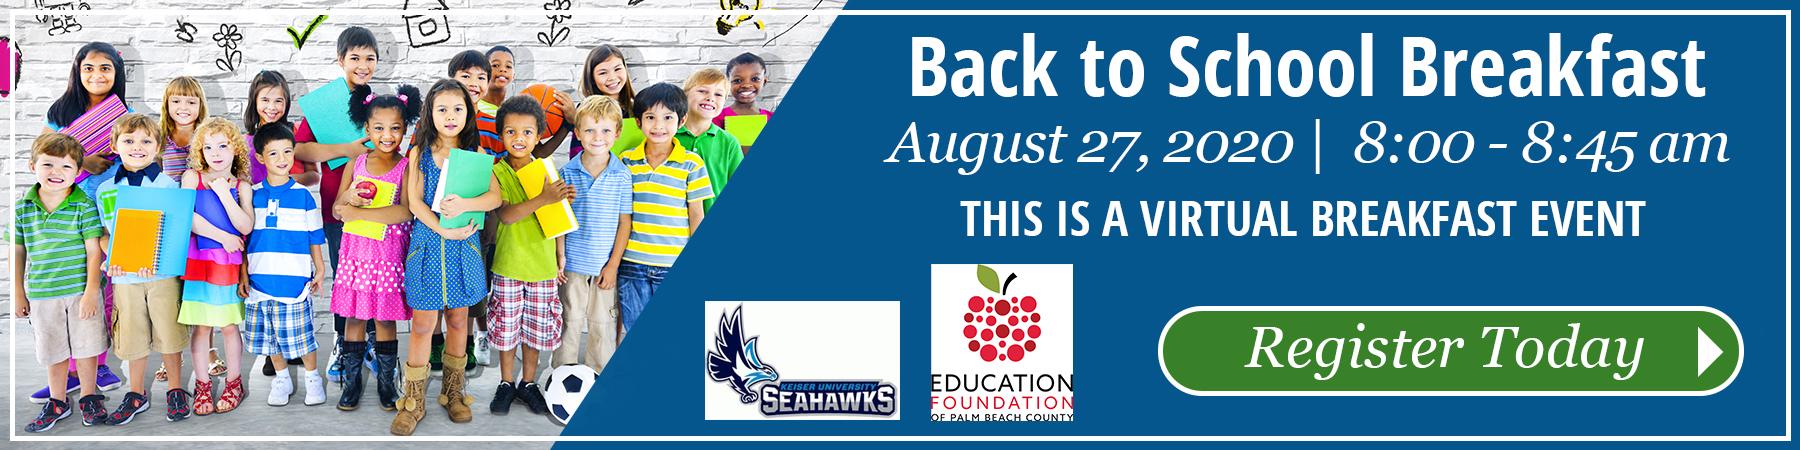 Aug_BacktoSchool_Breakfast_WebBanner_8.27.2020 V3